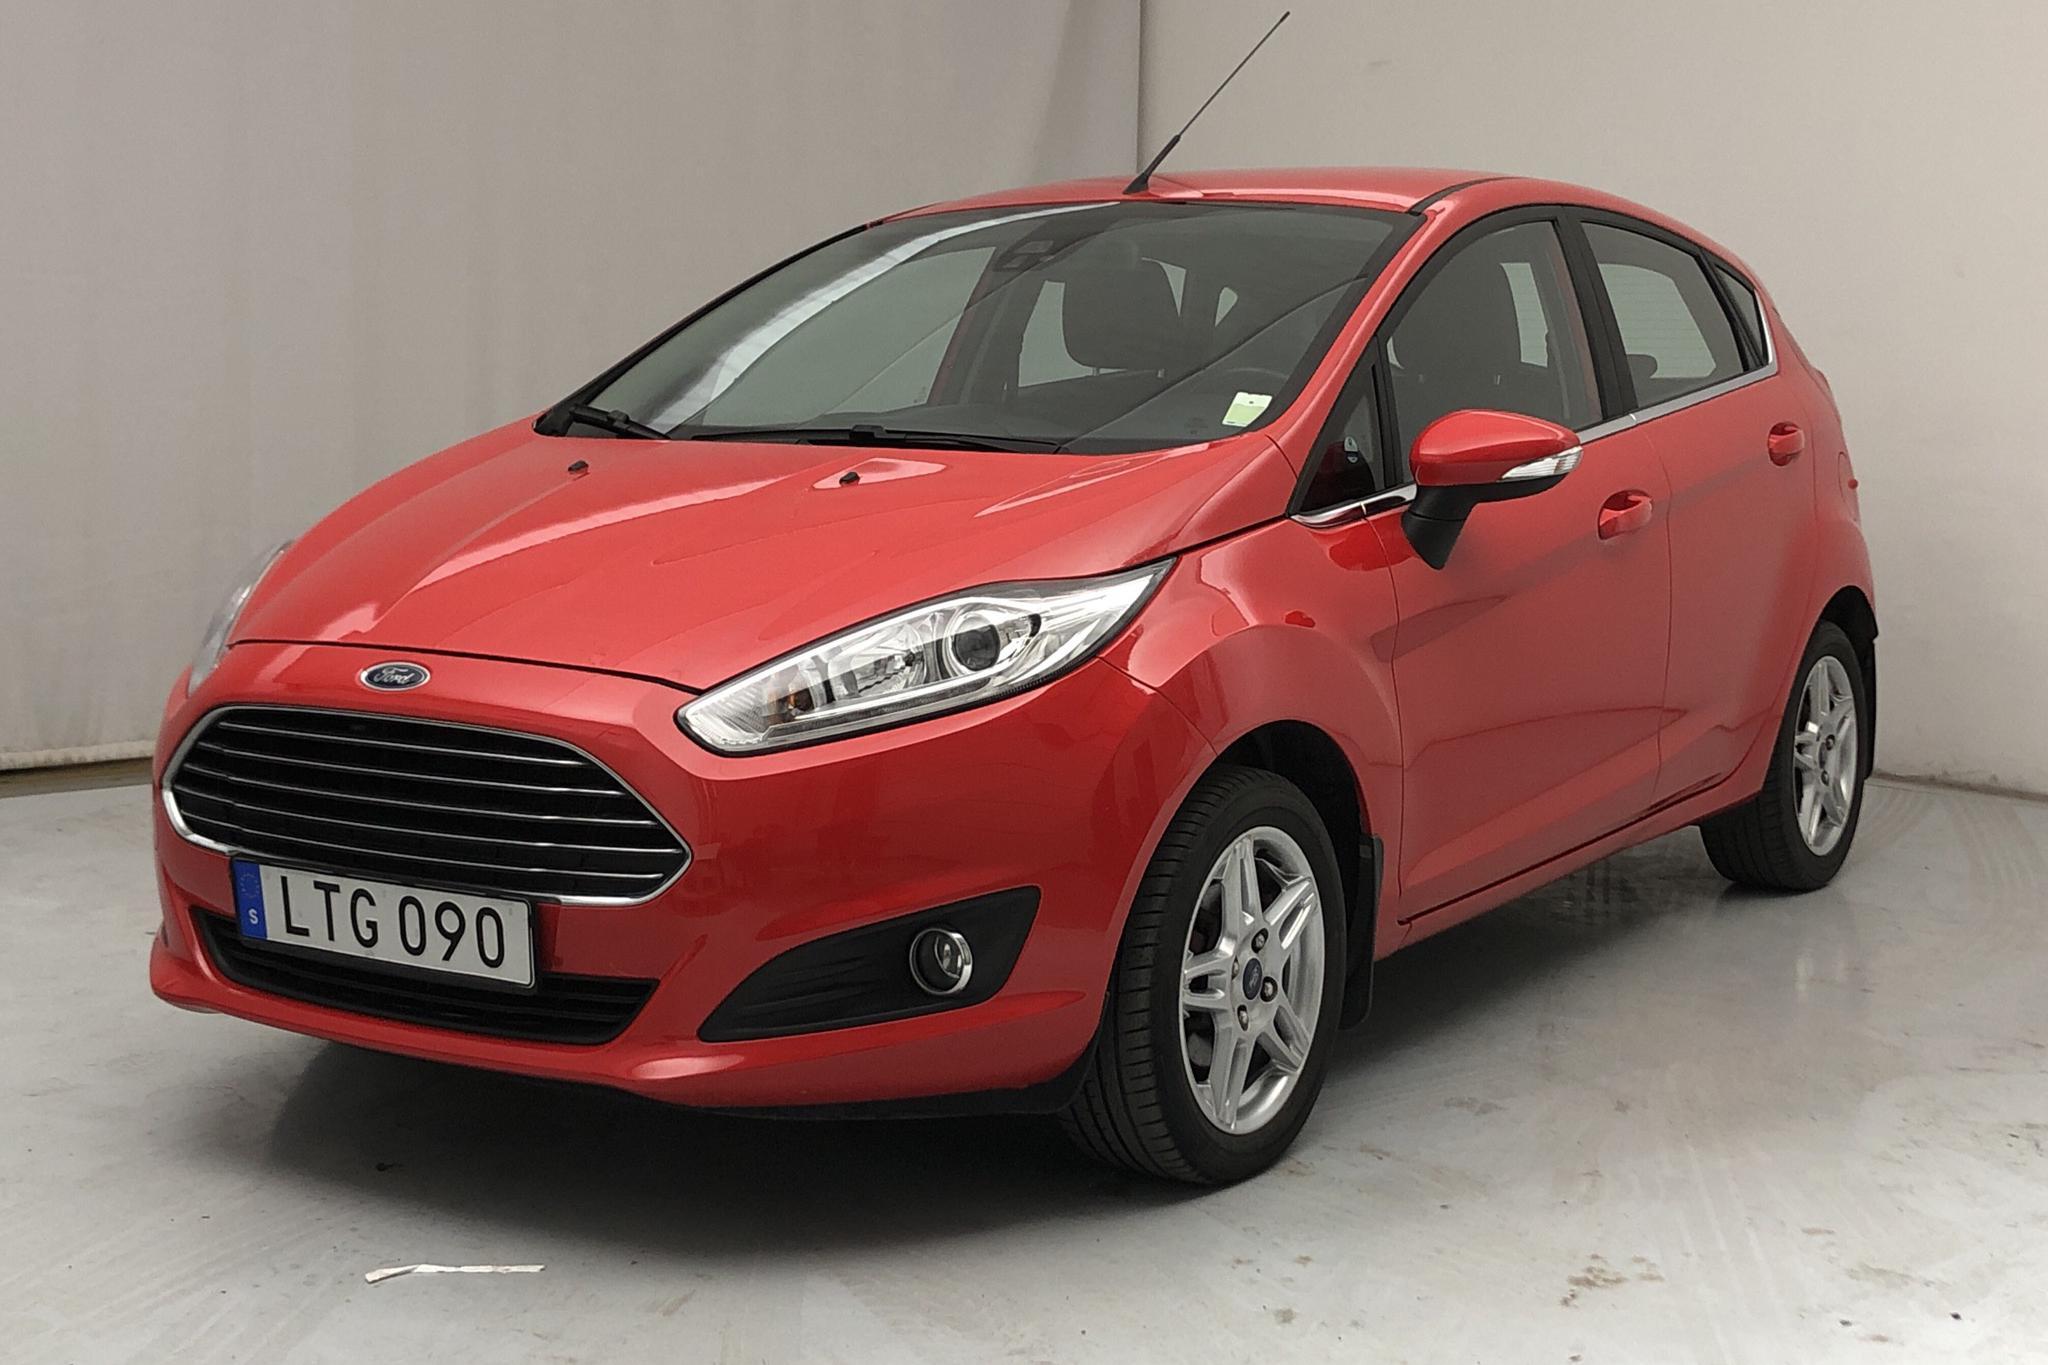 Ford Fiesta 1.0 5dr (80hk) - 4 748 mil - Manuell - röd - 2015